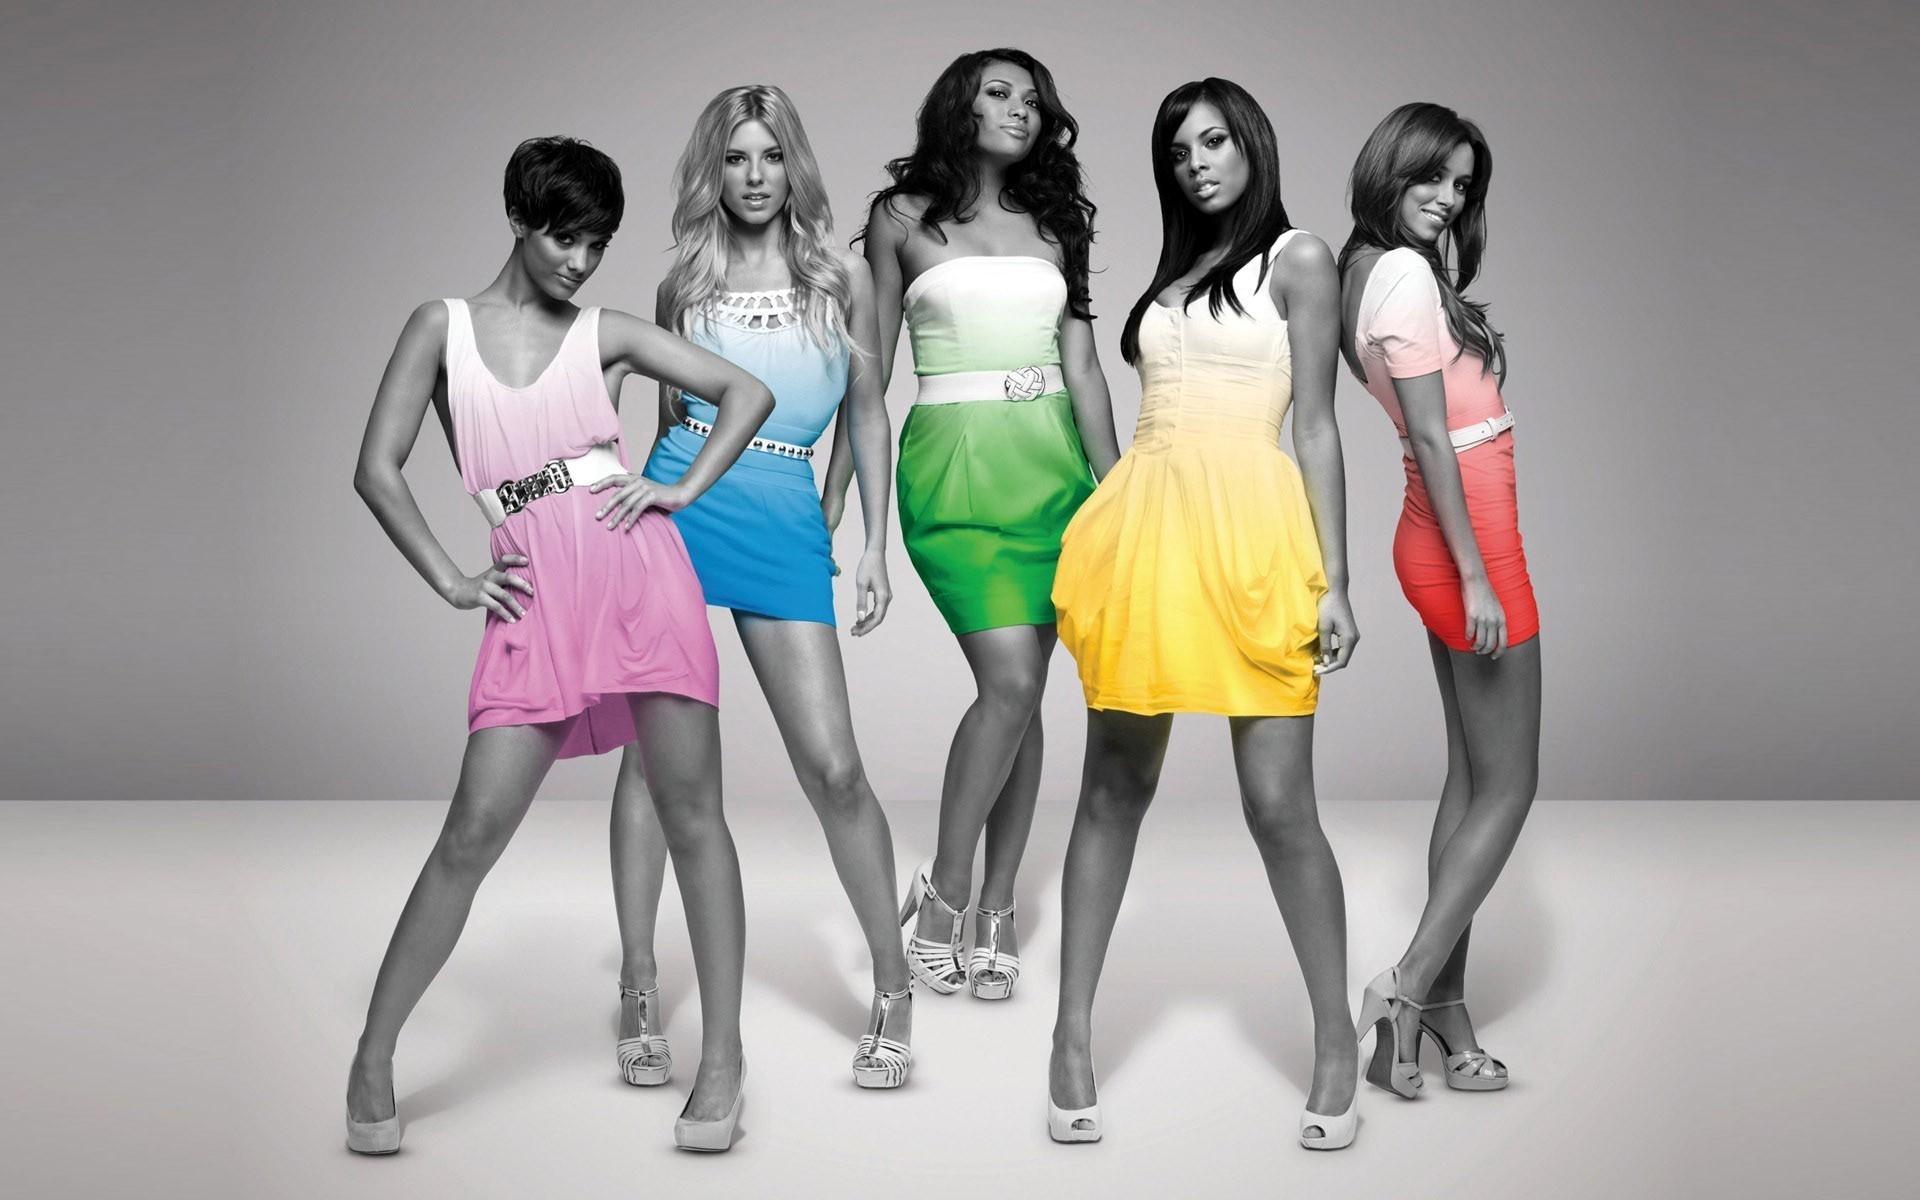 девушки модели в разноцветных платьях, скачать фото, обои на рабочий стол